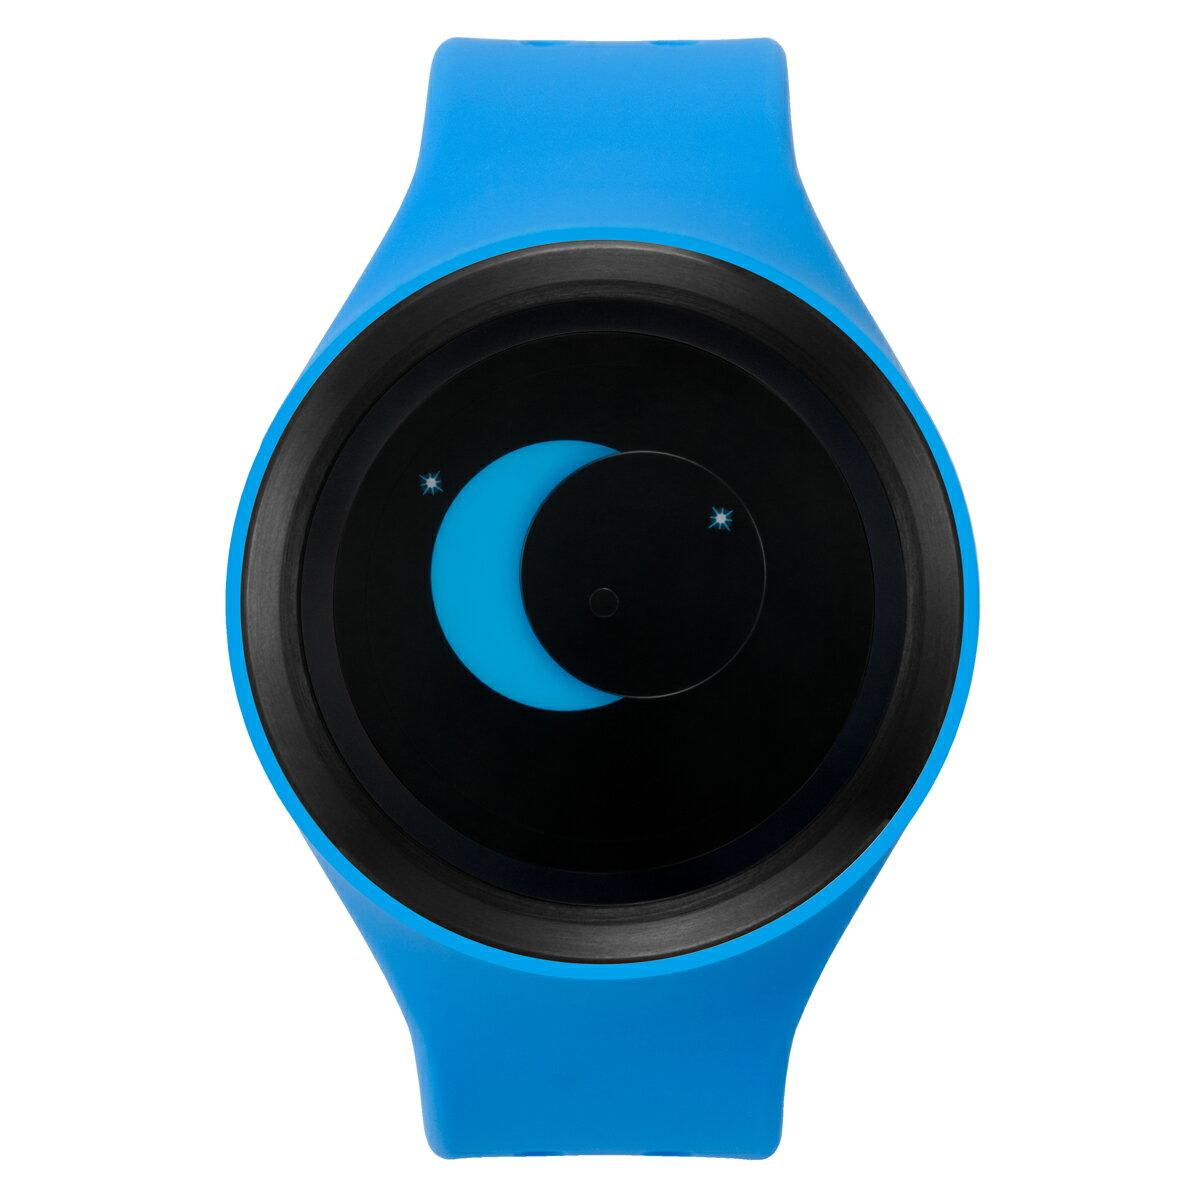 ZEROO SUPER MOON ゼロ 電池式クォーツ 腕時計 [W00201B03SR04] ブルー デザインウォッチ ペア用 メンズ レディース ユニセックス おしゃれ時計 デザイナーズ